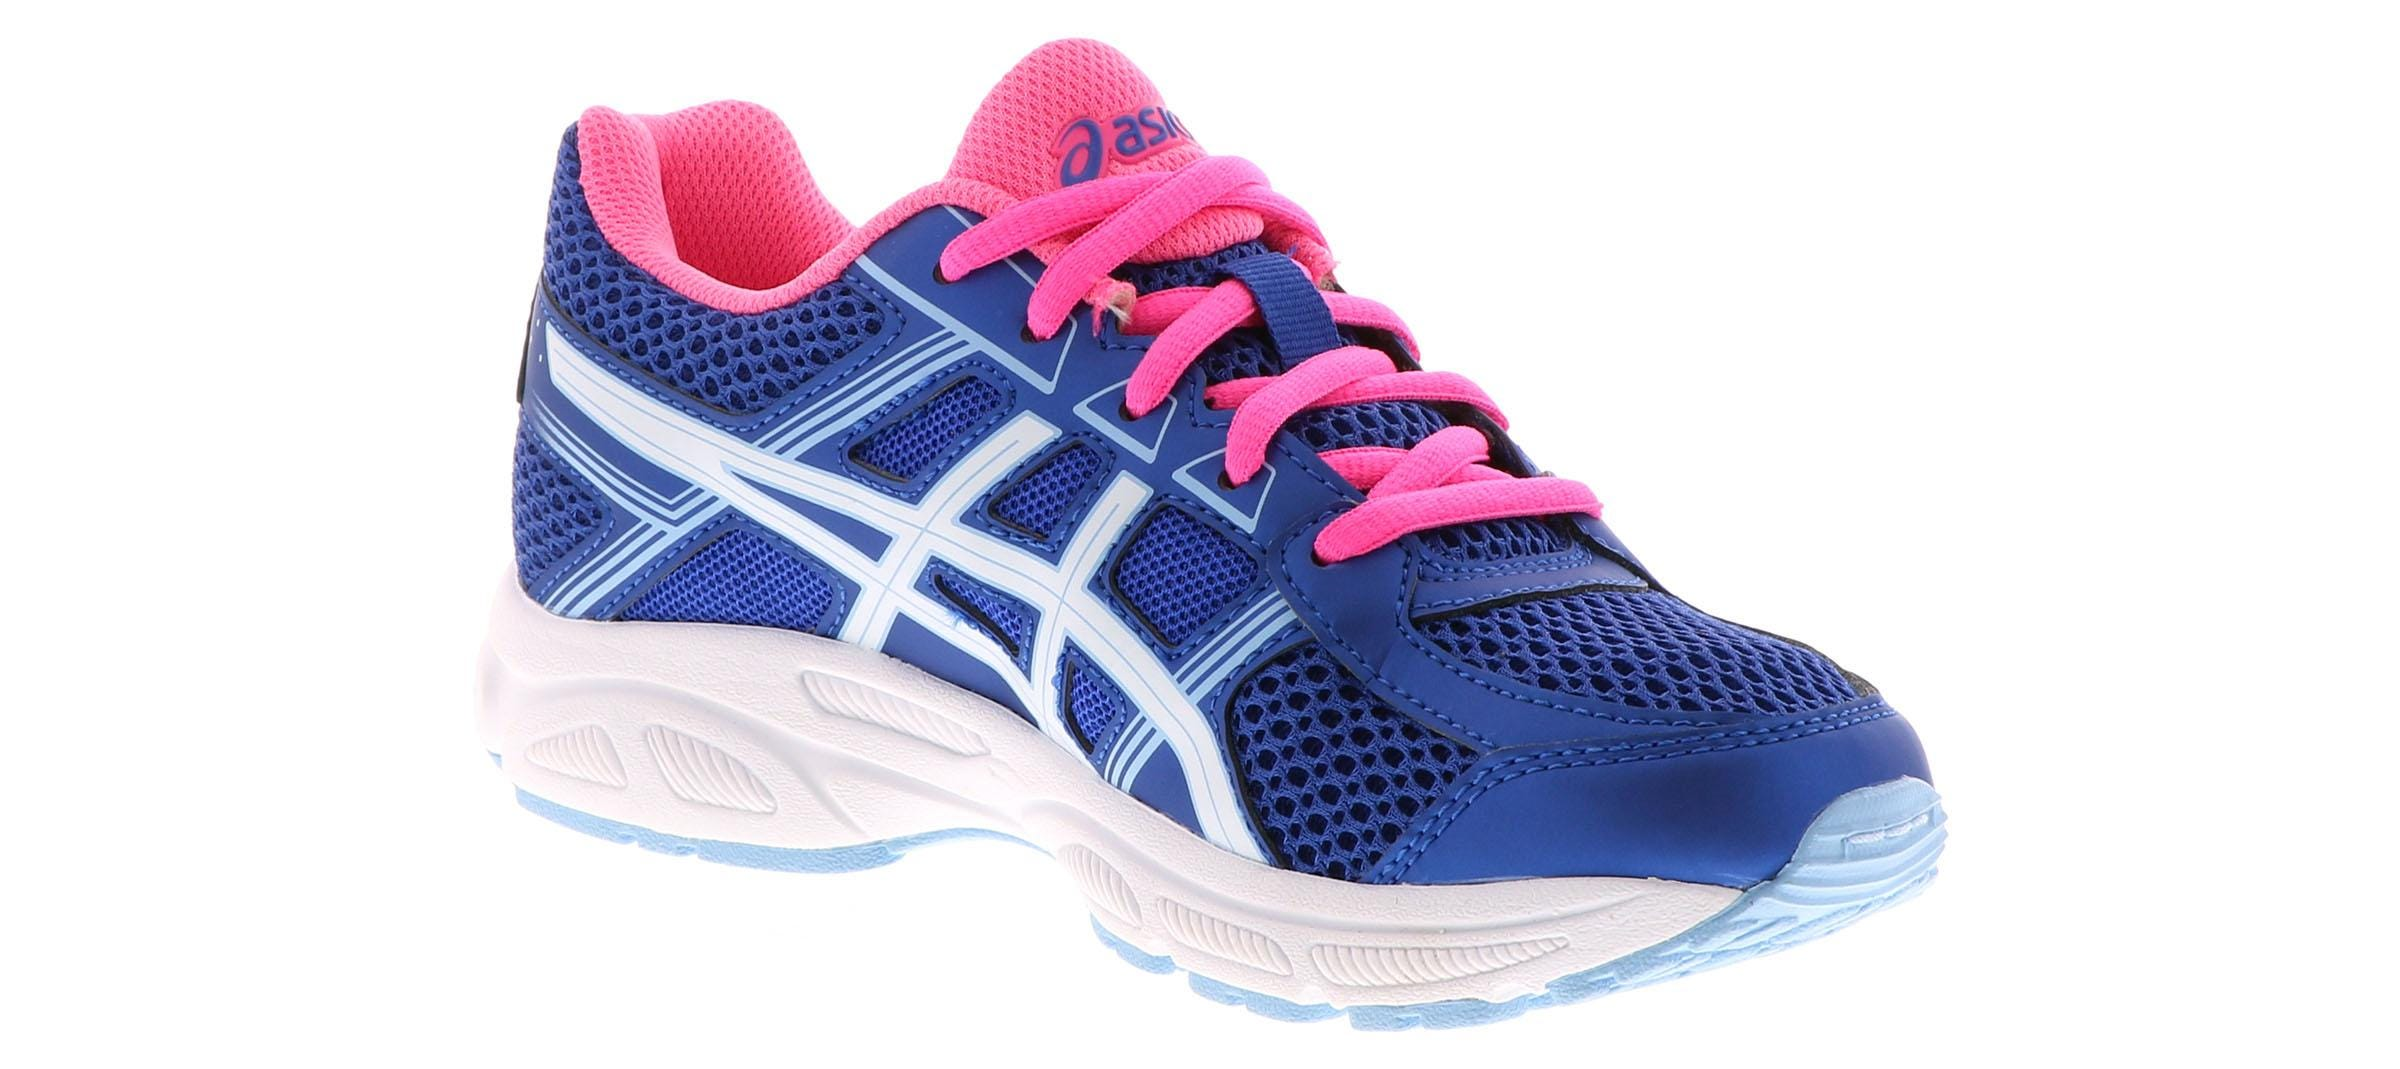 Kid's Asics Gel Contend 4 (1 6) Blue Shoe Sensation  Shoe Sensation